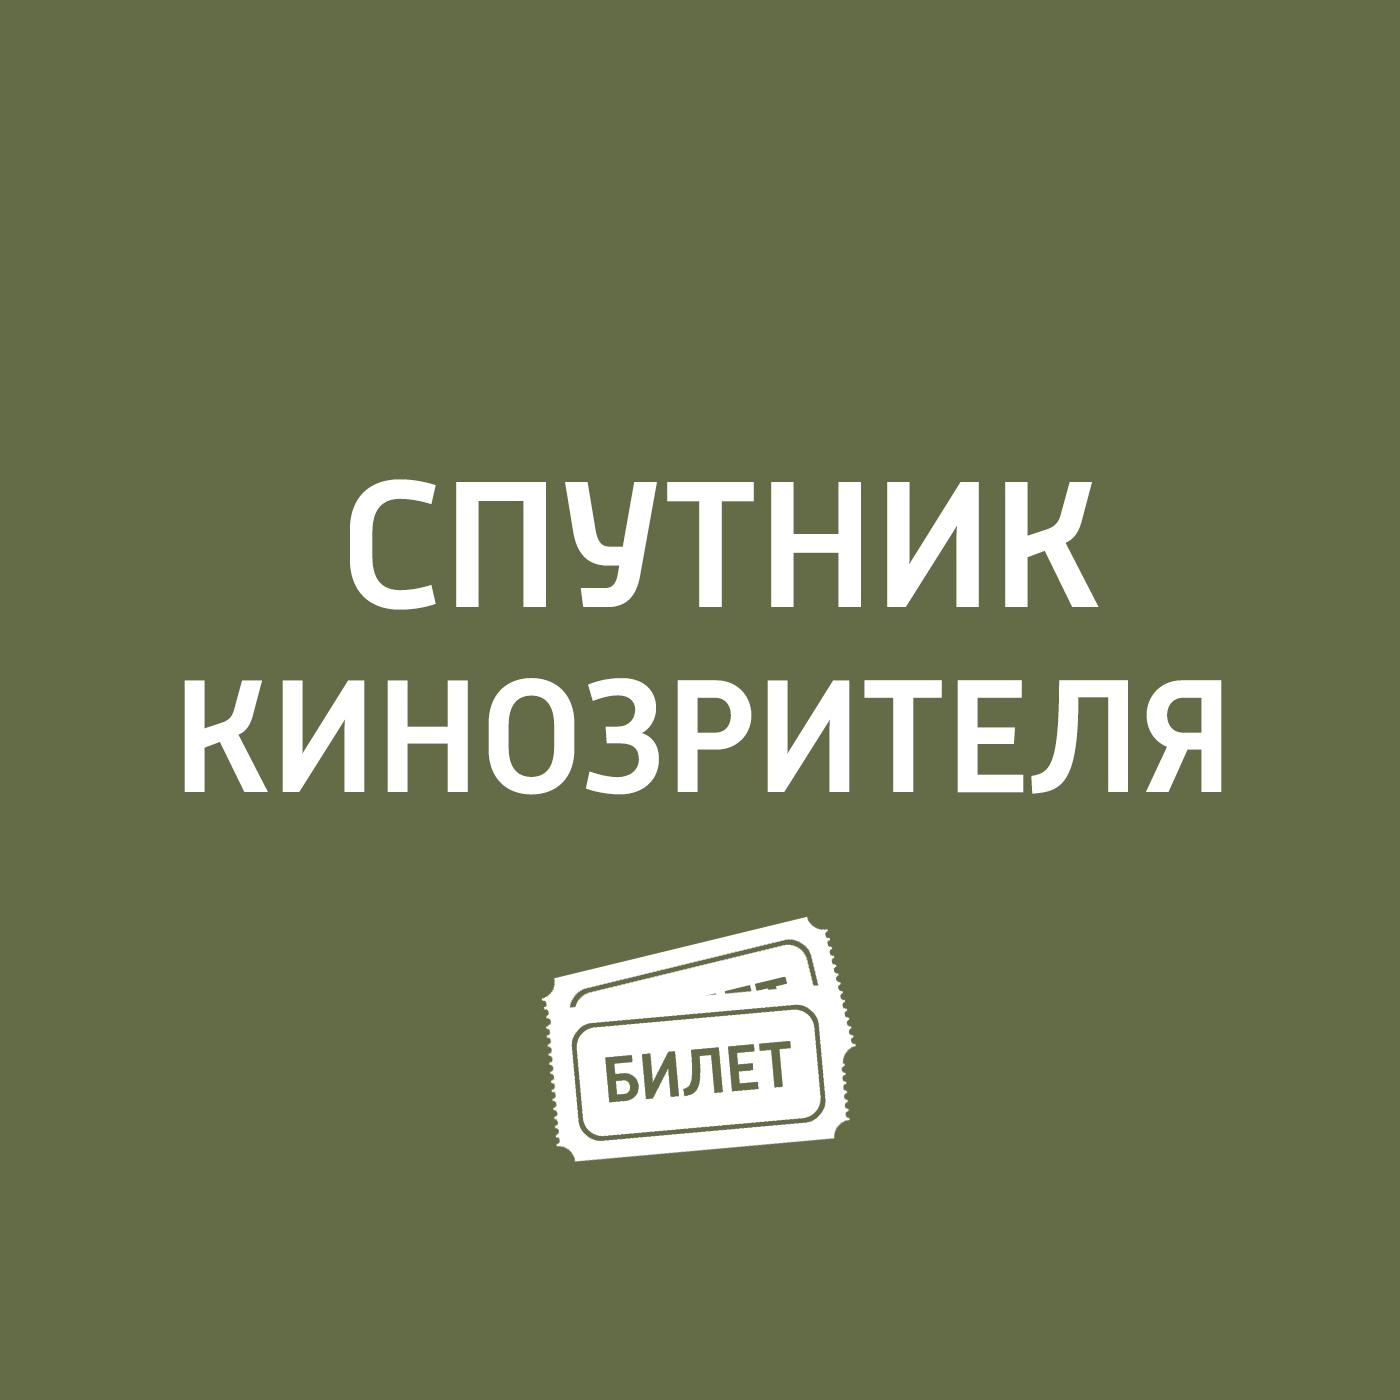 где купить Антон Долин Антон посмотрел фильм «Рай